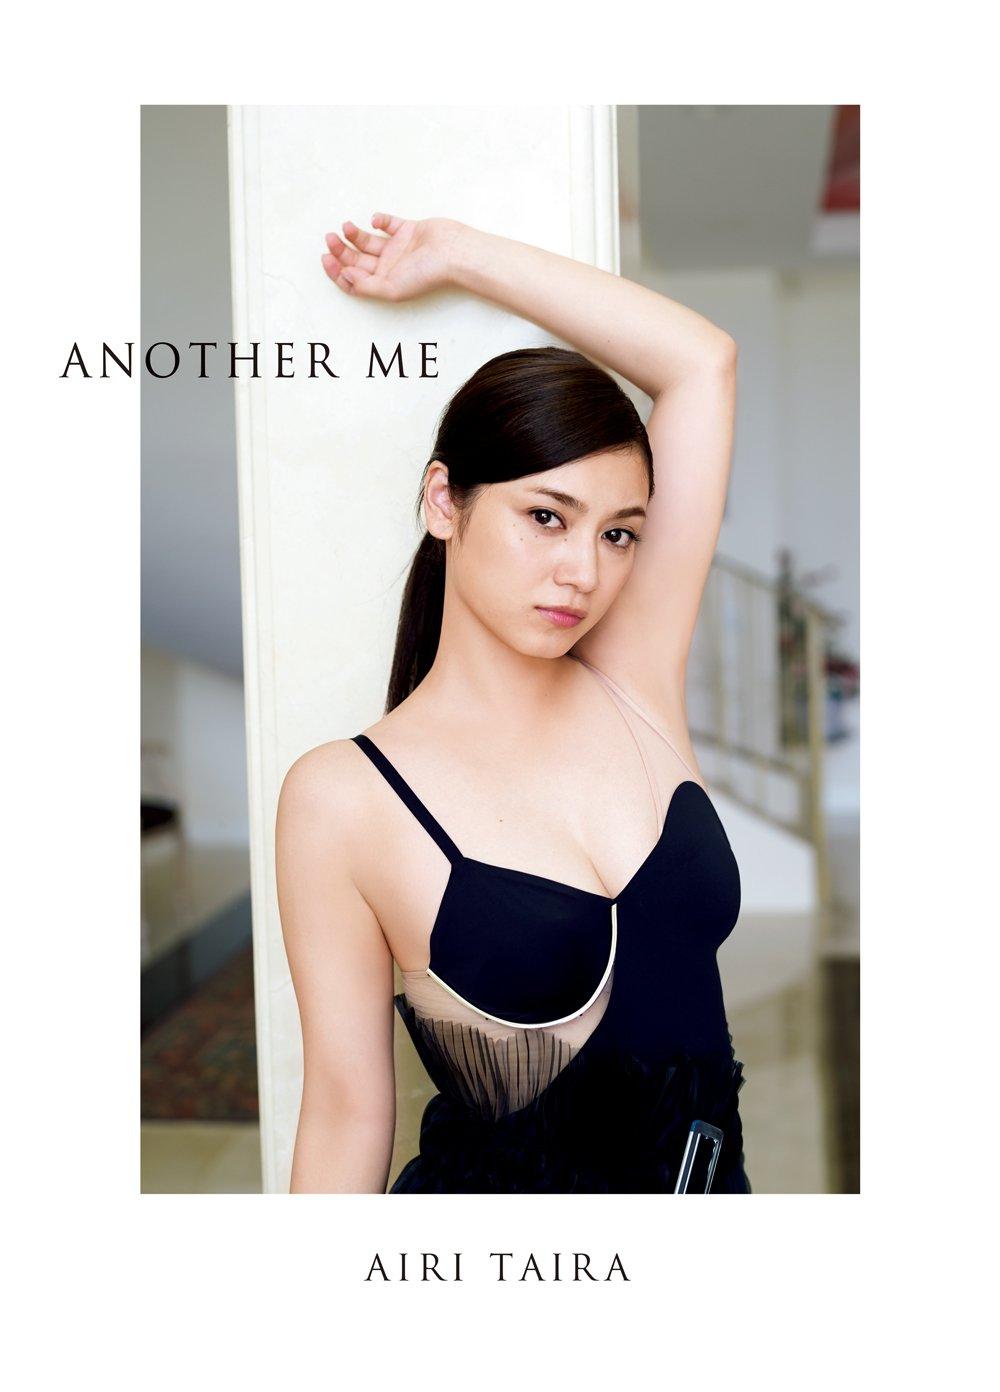 平愛梨の写真集「ANOTHER ME」